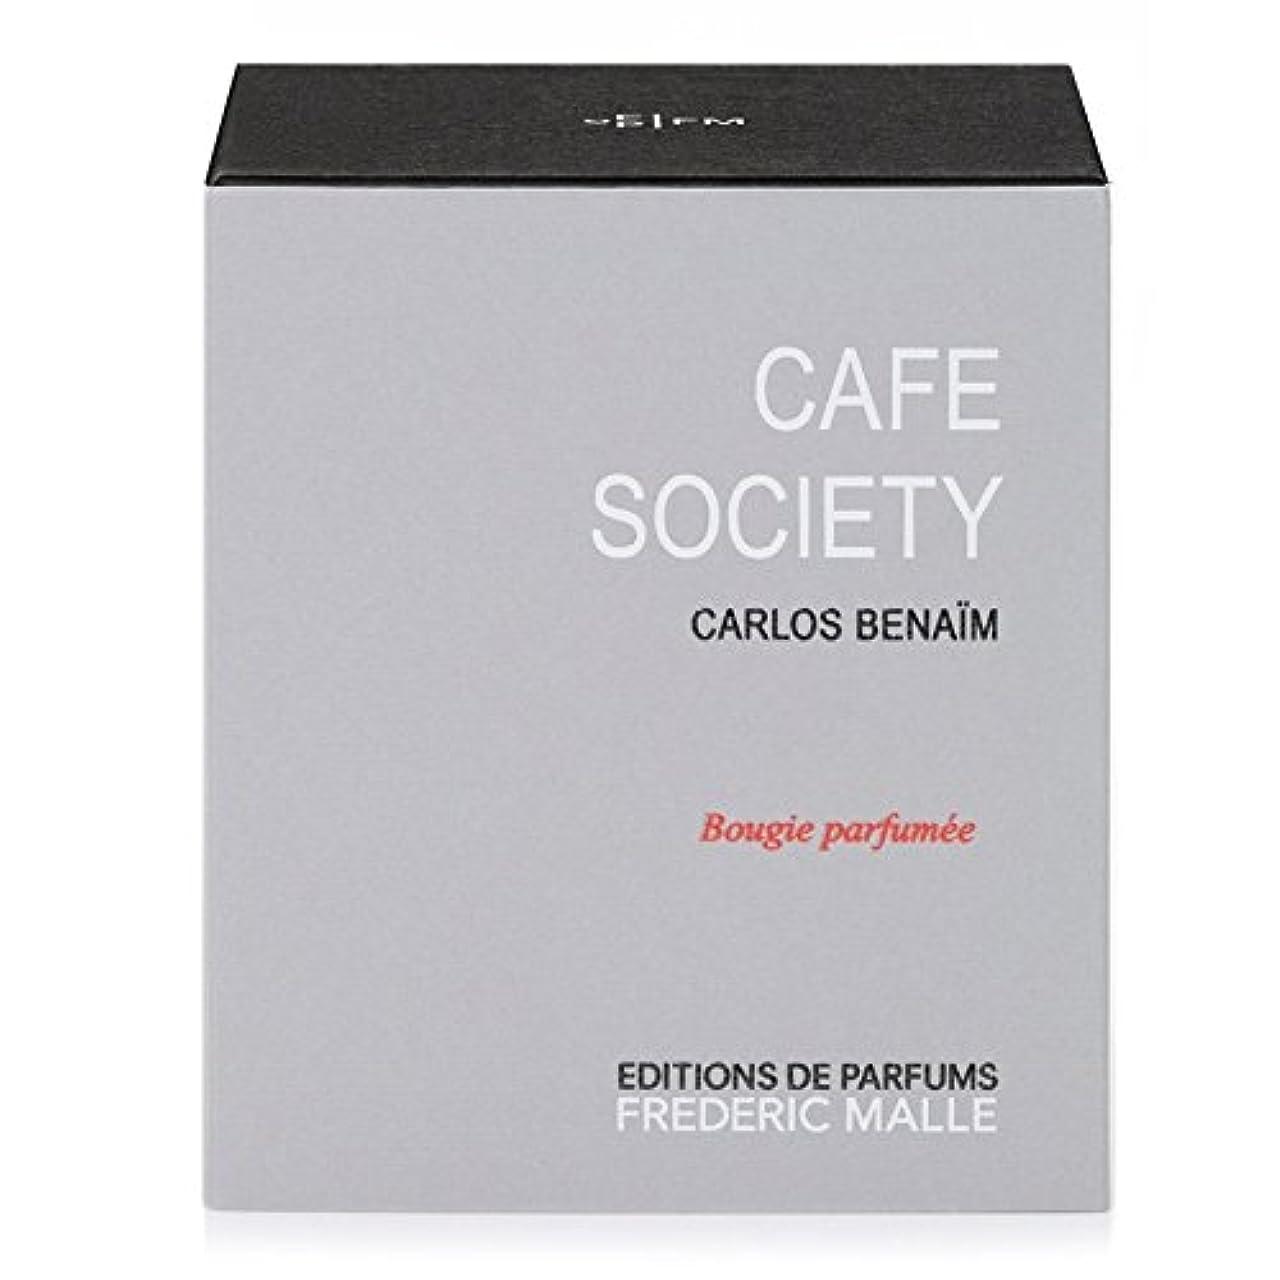 株式会社起業家フックフレデリック?マルカフェ社会の香りのキャンドル220グラム x6 - Frederic Malle Cafe Society Scented Candle 220g (Pack of 6) [並行輸入品]